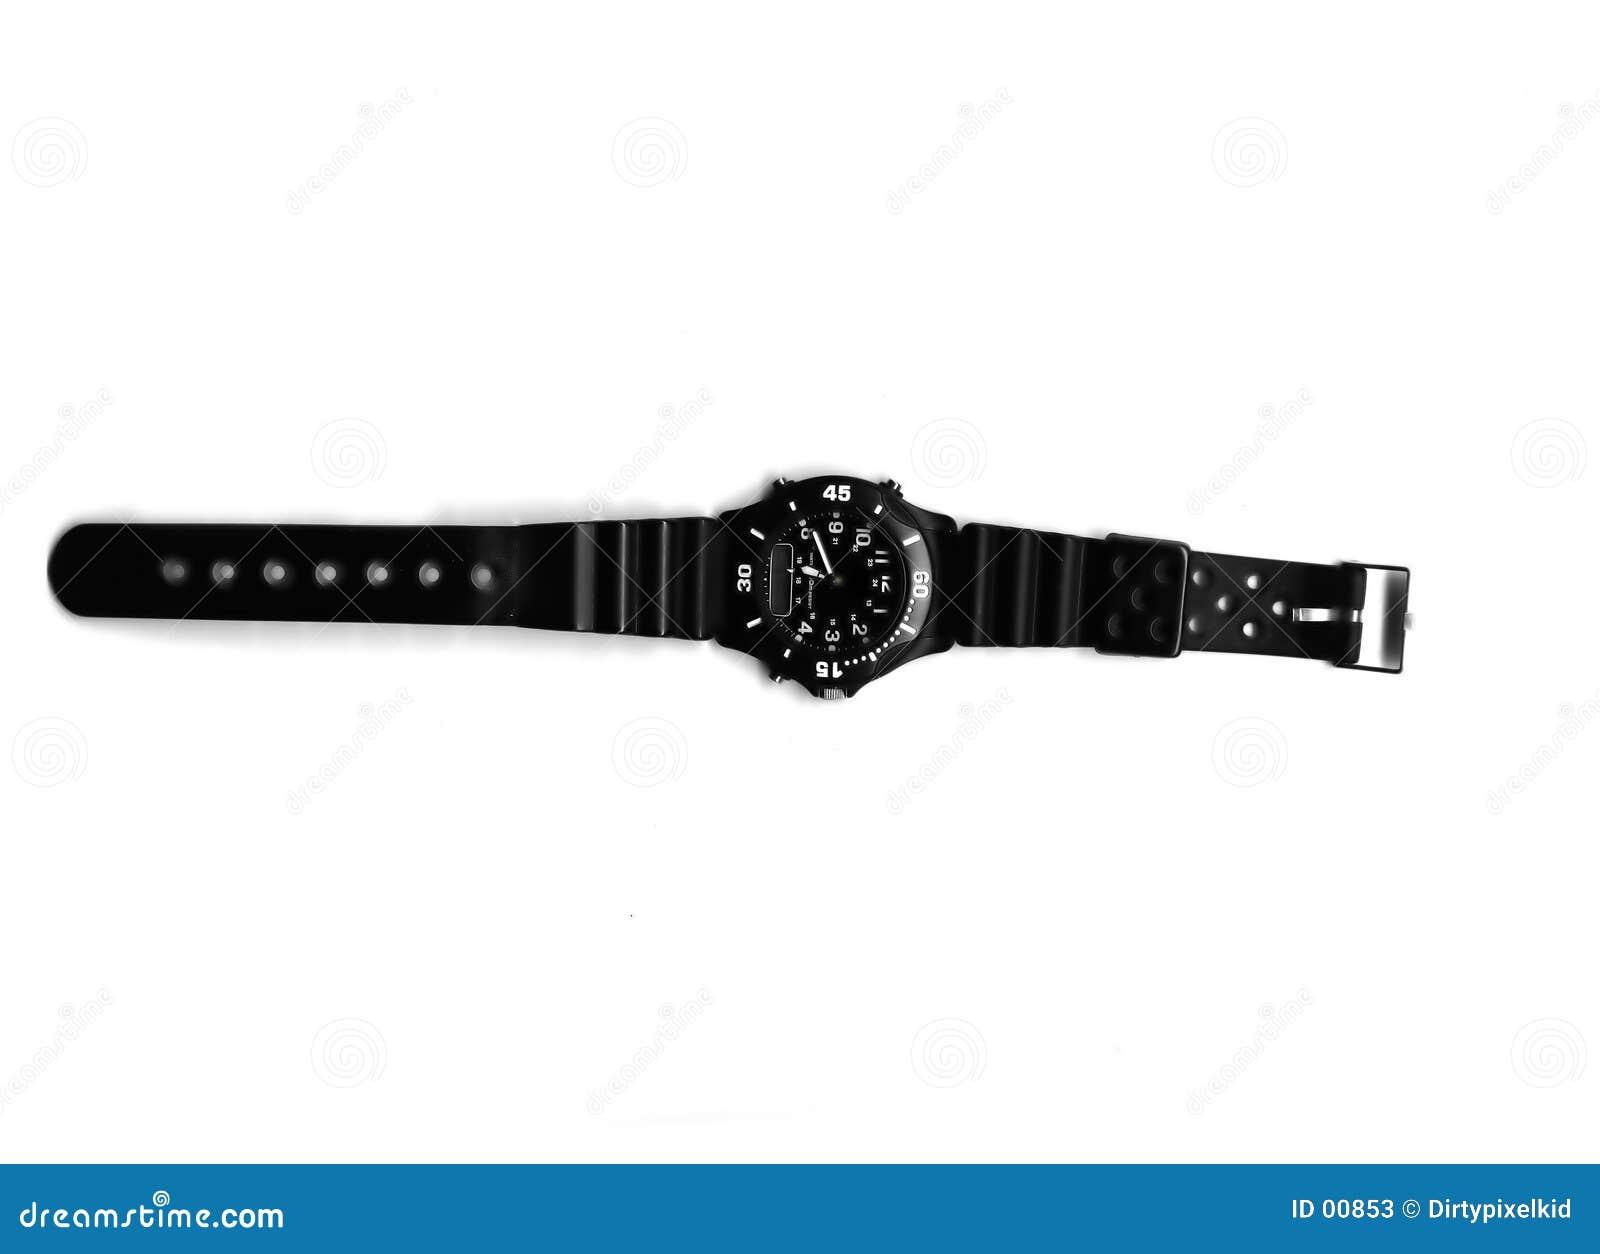 Download 精神体育运动手表 库存图片. 图片 包括有 背包, 时钟, 精神, 空白, 投反对票, 时间, 体育运动, 手表, 滴答作响 - 853